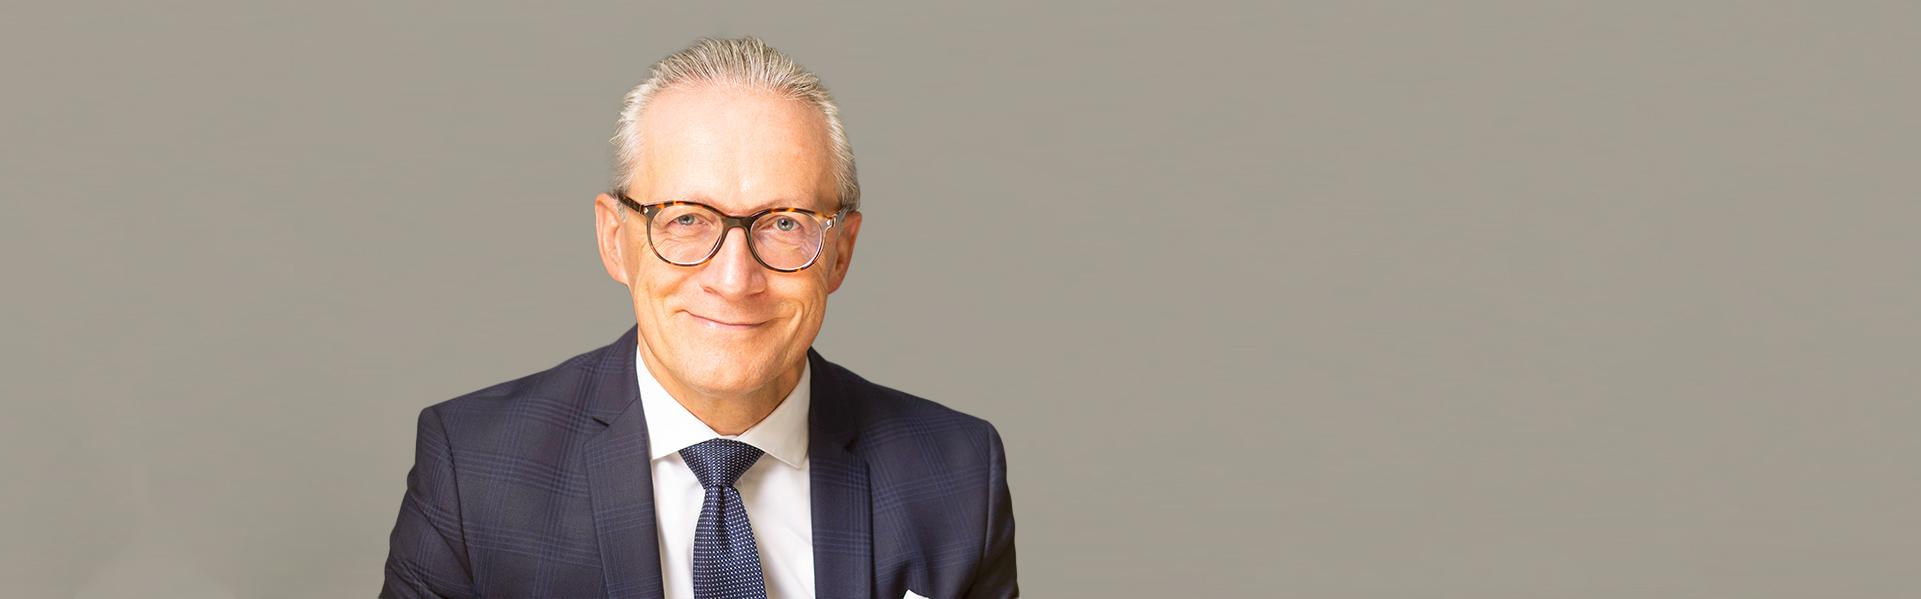 Dr. iur. Franz Michael Schmitt